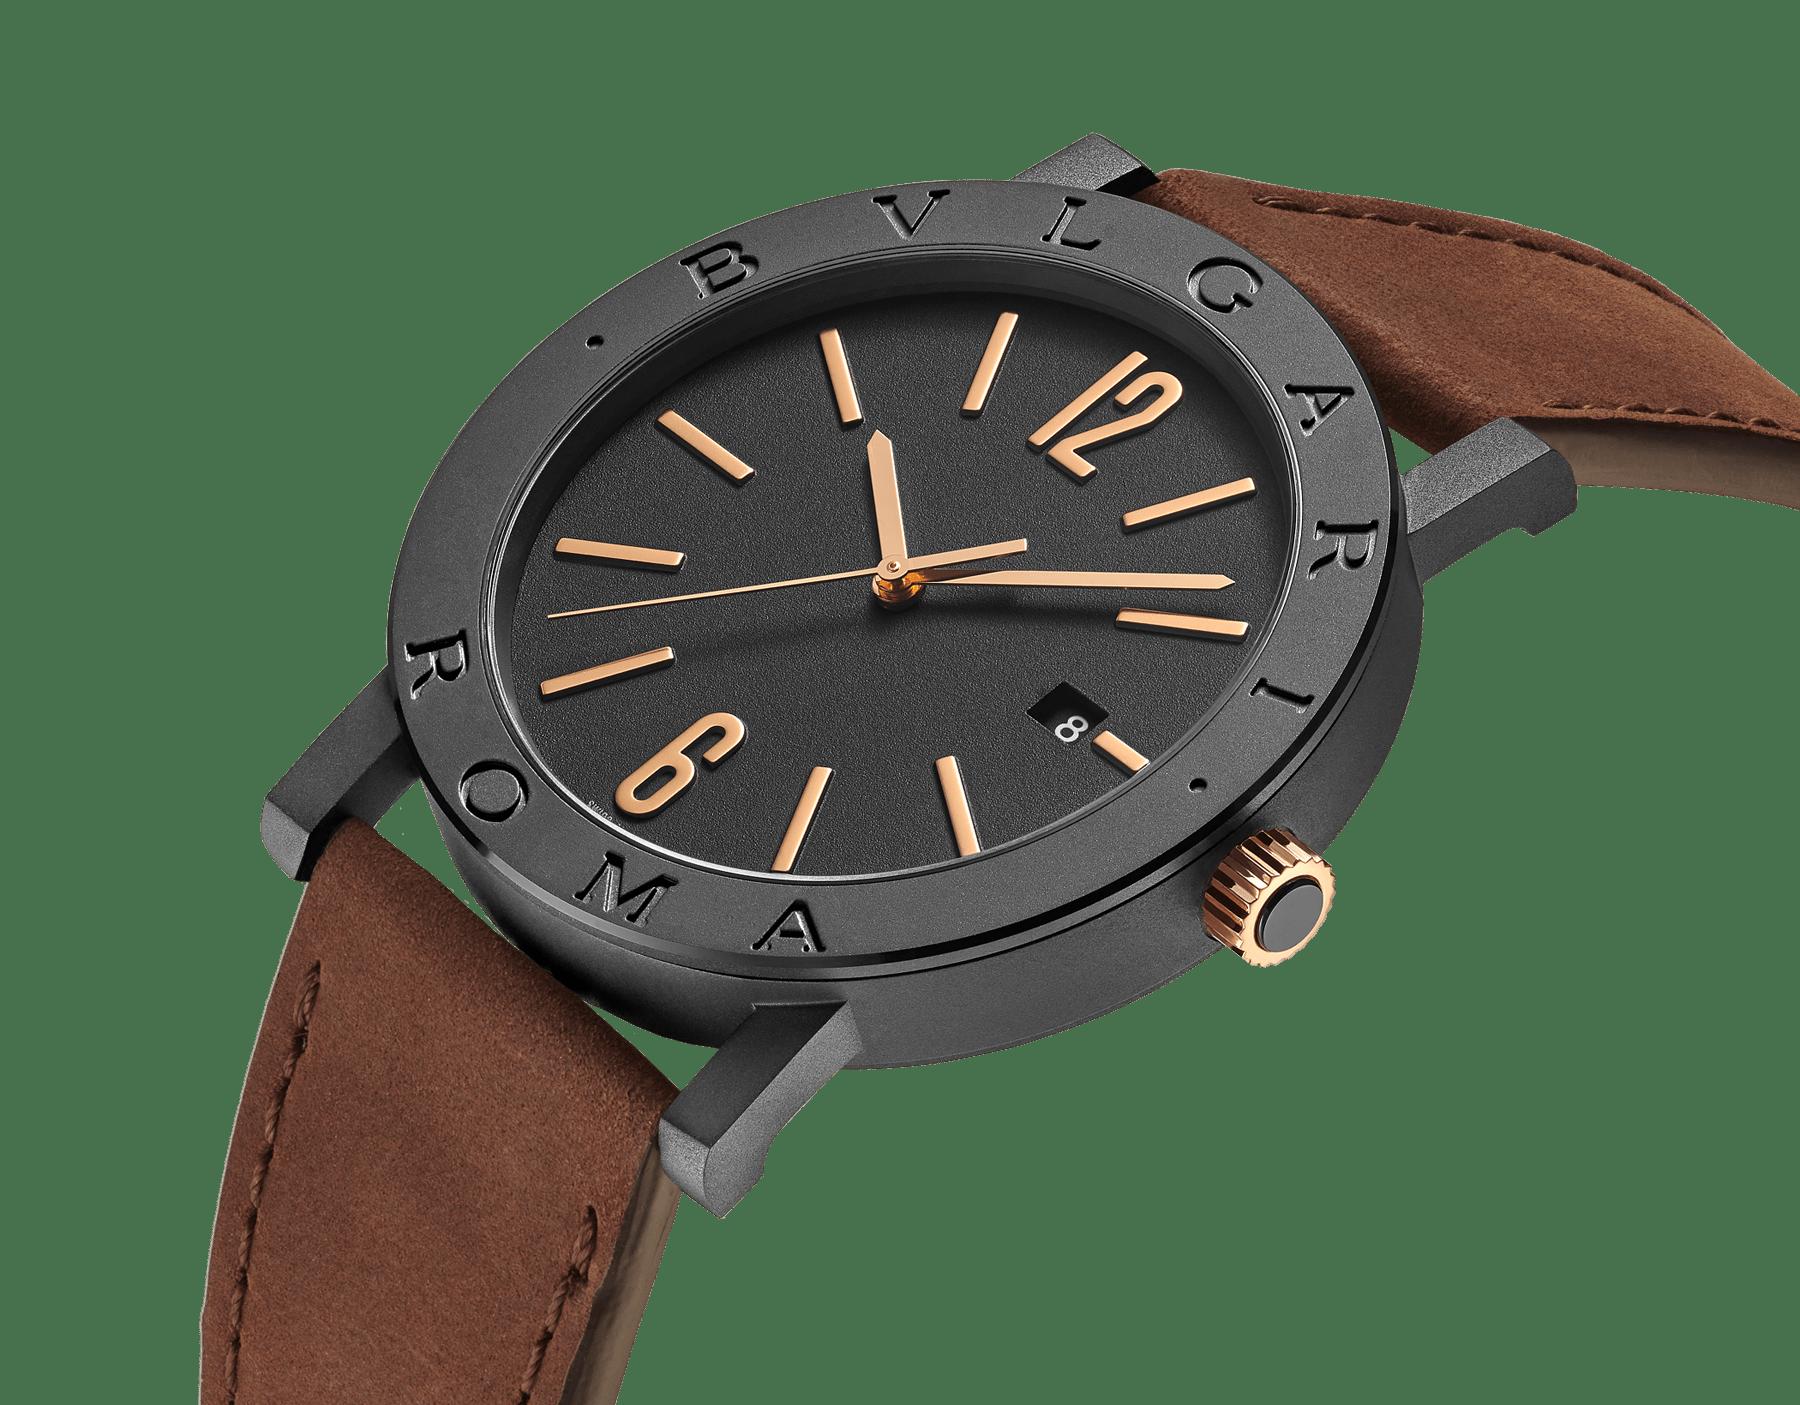 """ساعة """"بولغري بولغري سيتيز سبيشل إيديشن، ROMA"""" بآلية حركة ميكانيكية مصنّعة من قبل بولغري، تعبئة أوتوماتيكية، آلية BVL 191.، علبة الساعة من الفولاذ المعالج بالكربون الأسود الشبيه بالألماس مع نقش """"BVLGARI ROMA"""" على إطار الساعة، غطاء خلفي شفاف، ميناء مطلي بالمينا الأسود الخشن ومؤشرات الساعة من الذهب الوردي، سوار من جلد العجل البني، وسوار قابل للتبديل من المطاط الأسود. 103219 image 4"""